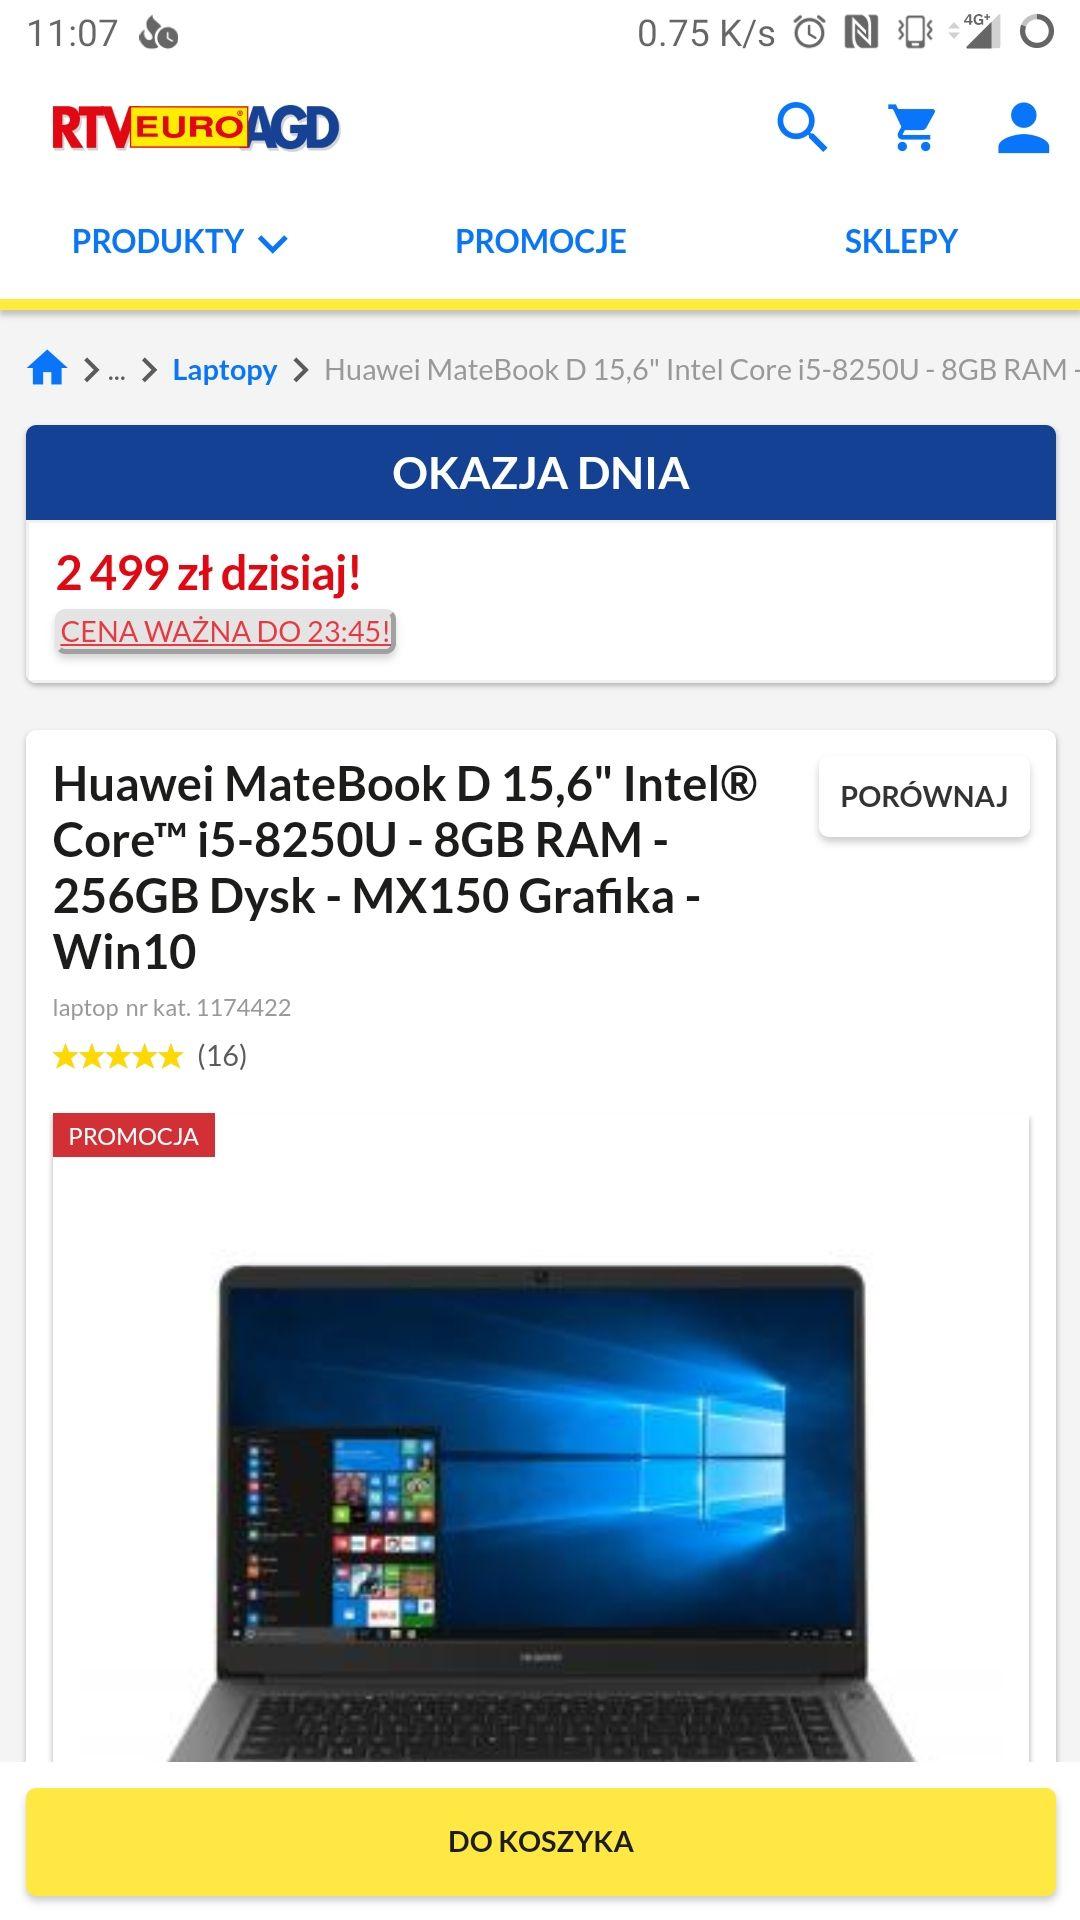 """Huawei MateBook D 15,6"""" i5-8250U - 8GB RAM - 256GB Dysk - MX150 Grafika"""